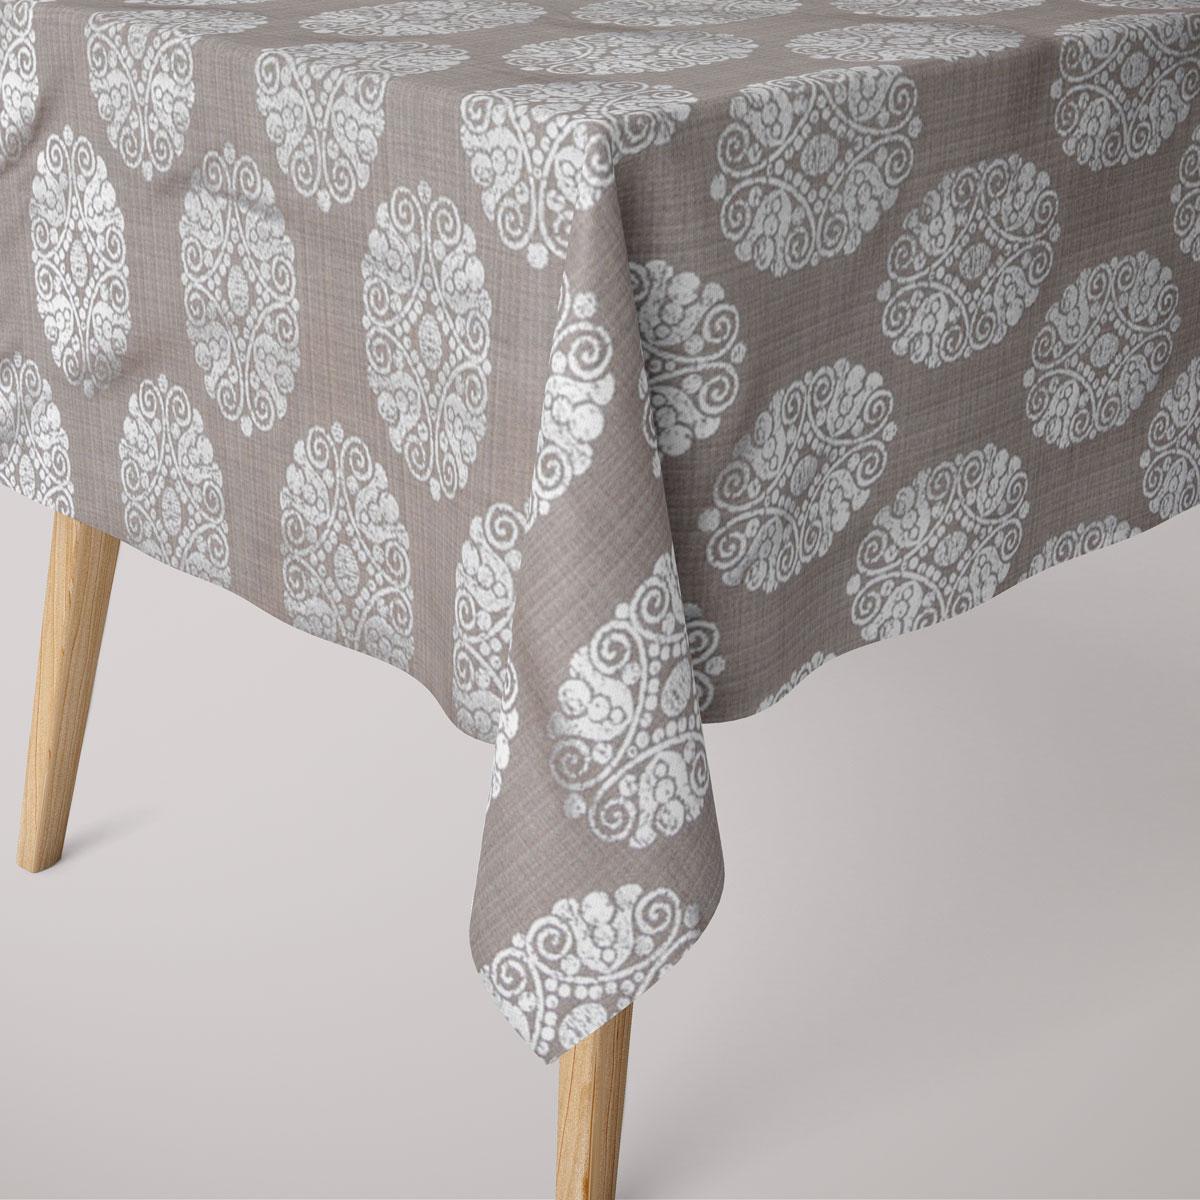 SCHÖNER LEBEN. Tischdecke Ornament Metallicprint taupe silberfarbig eckig in diversen Größen